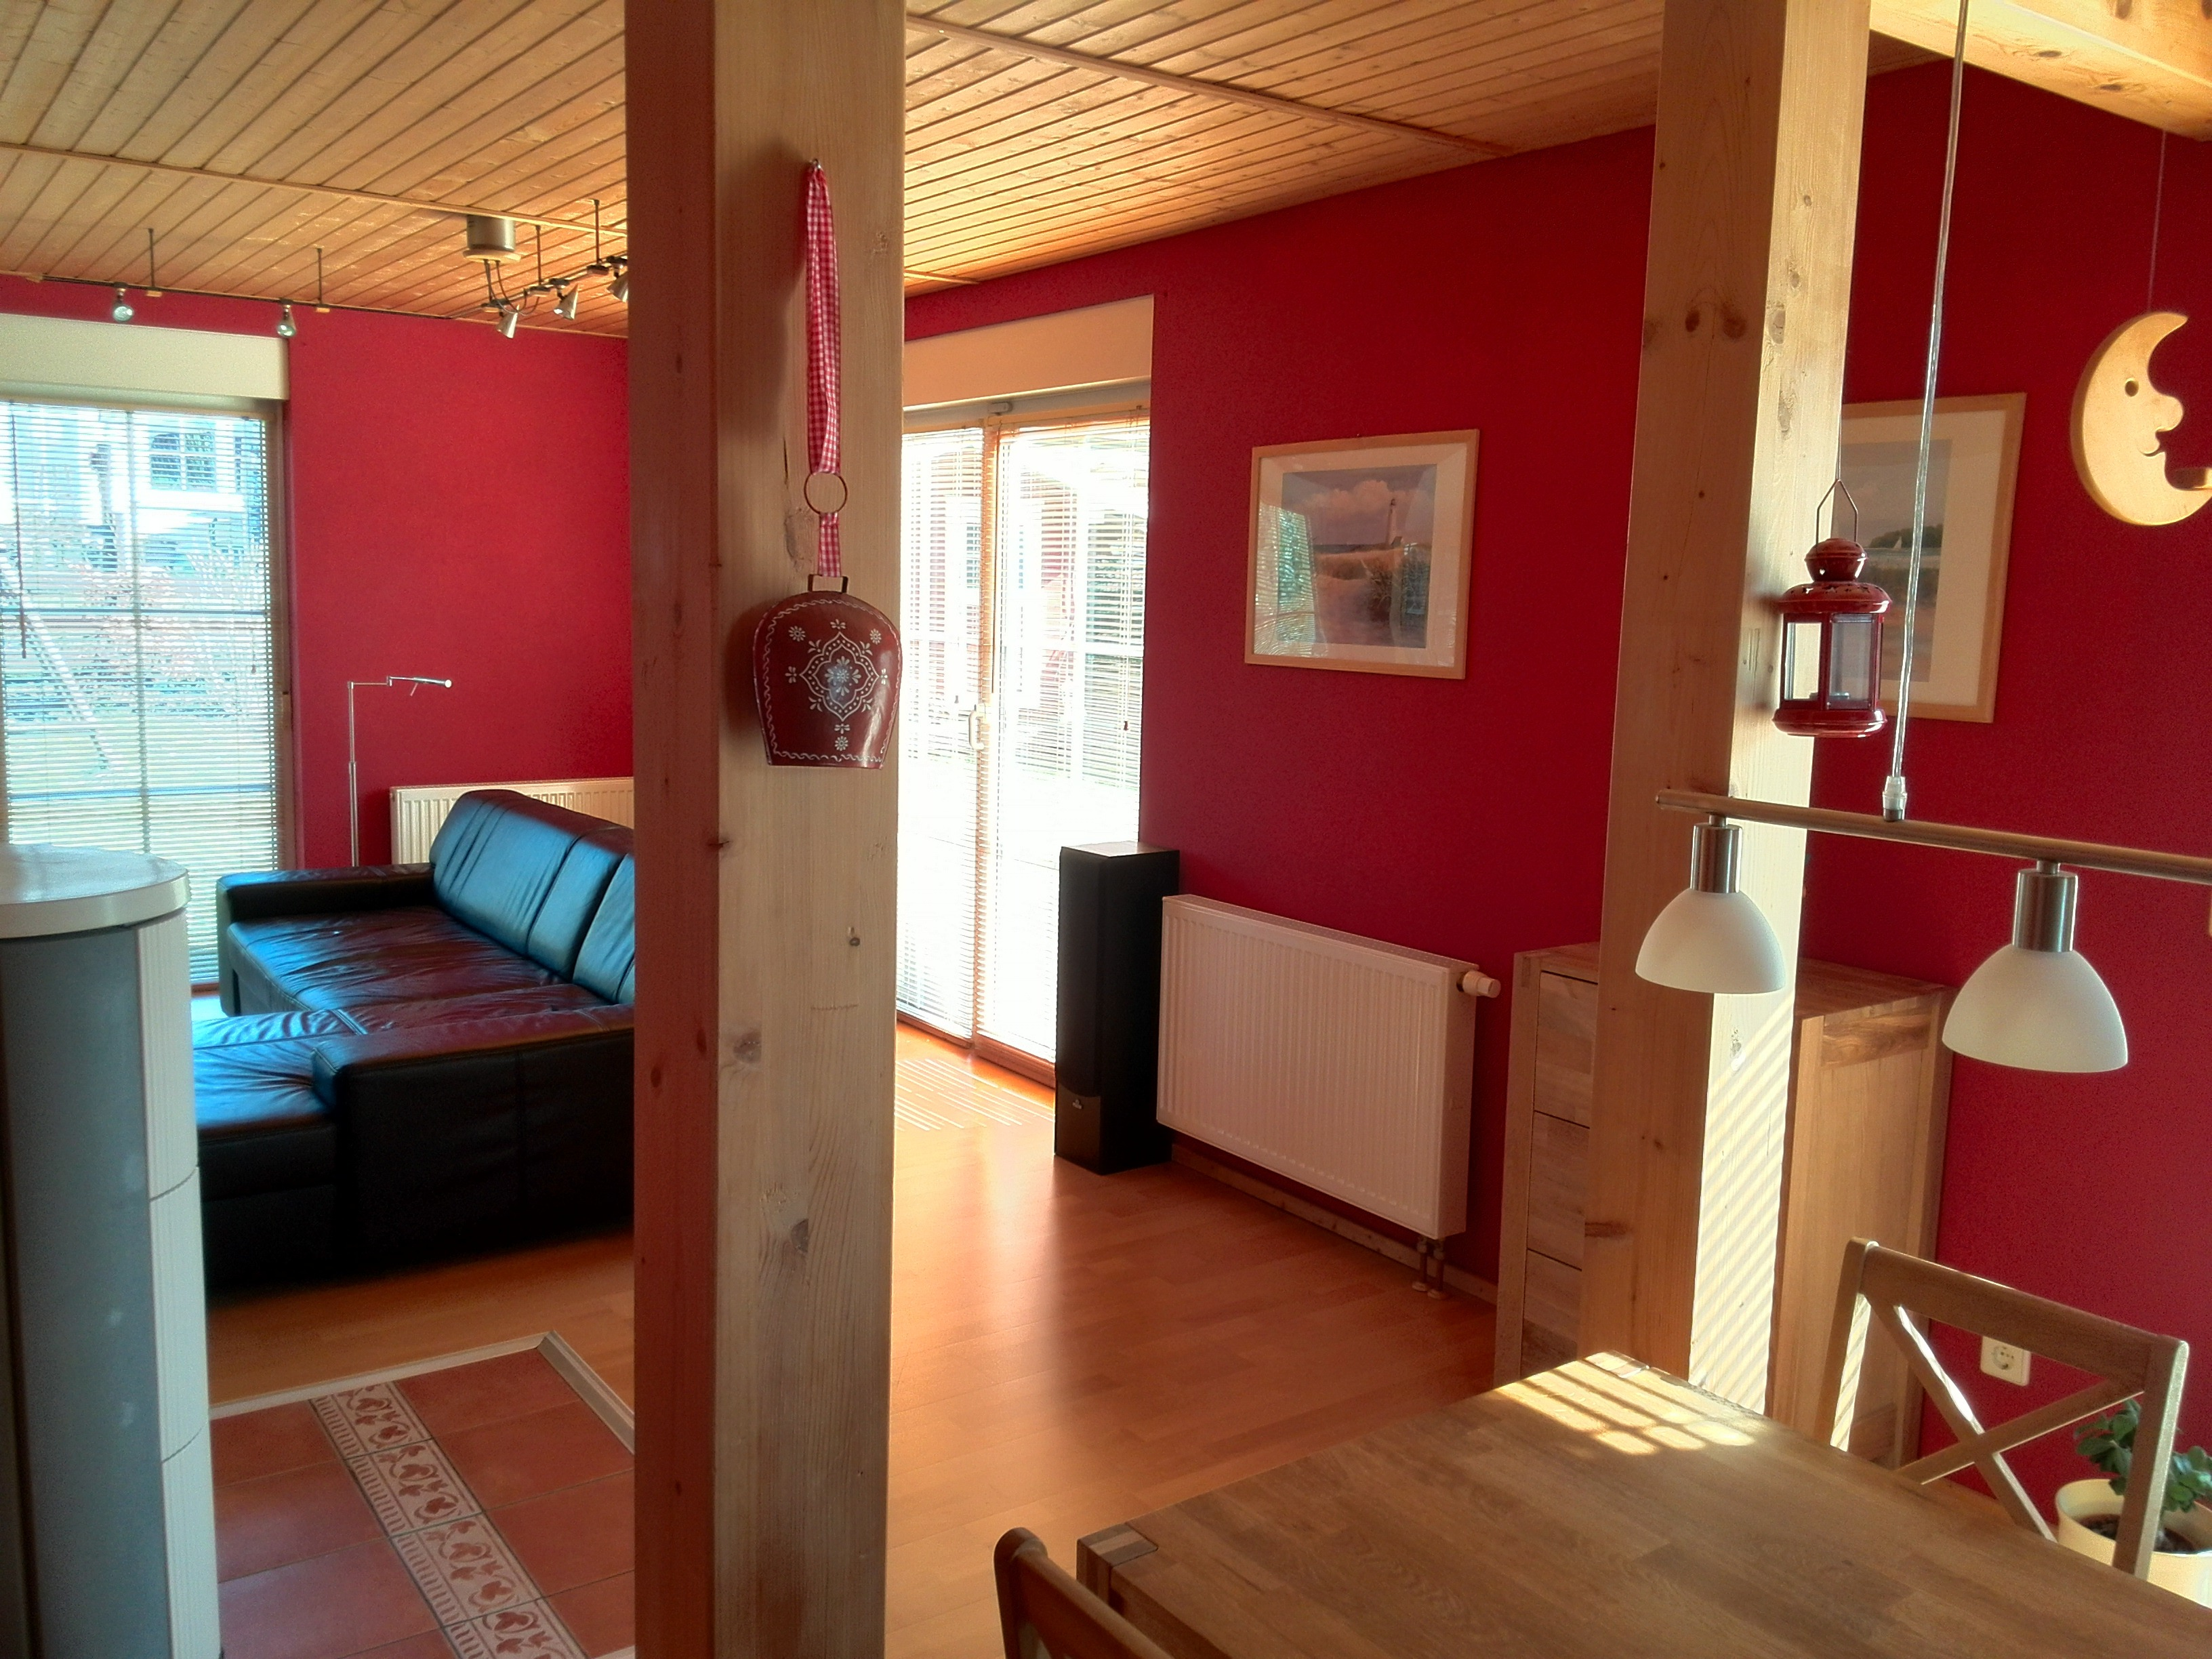 Einfamilienhaus Sennewitz - Blick ins Wohnzimmer